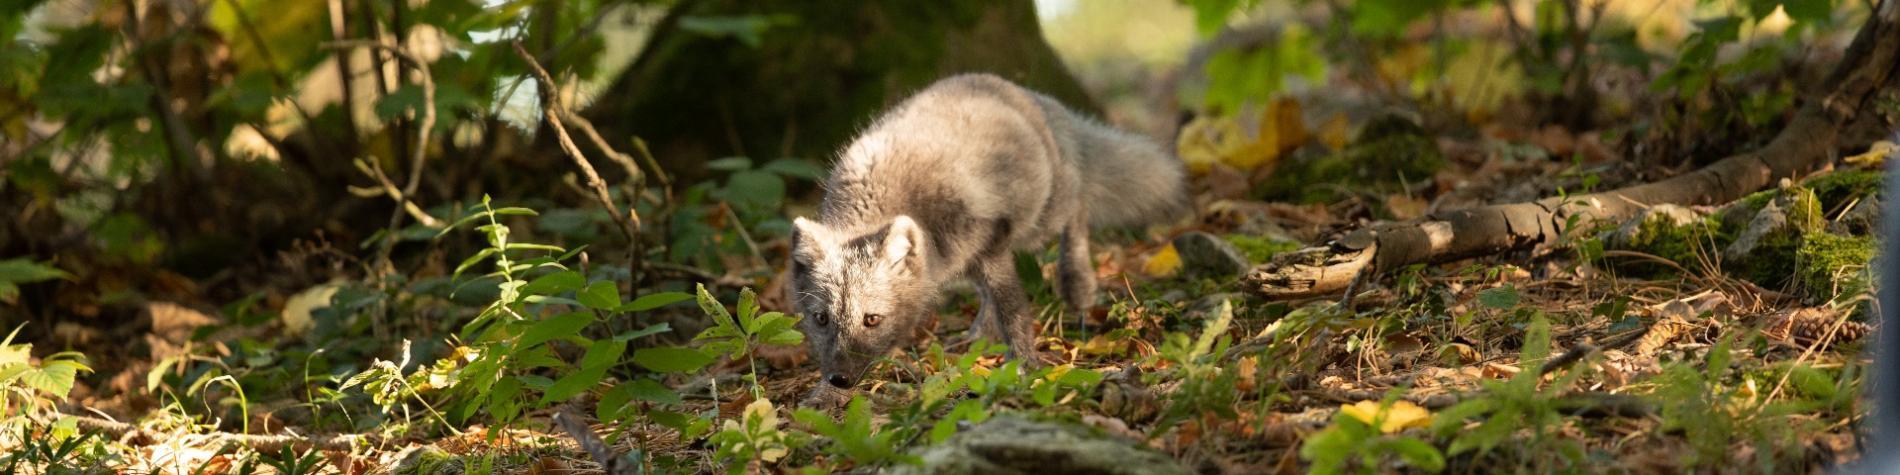 Le parc animalier de Han-sur-Lesse rien qu'à vous au crépuscule